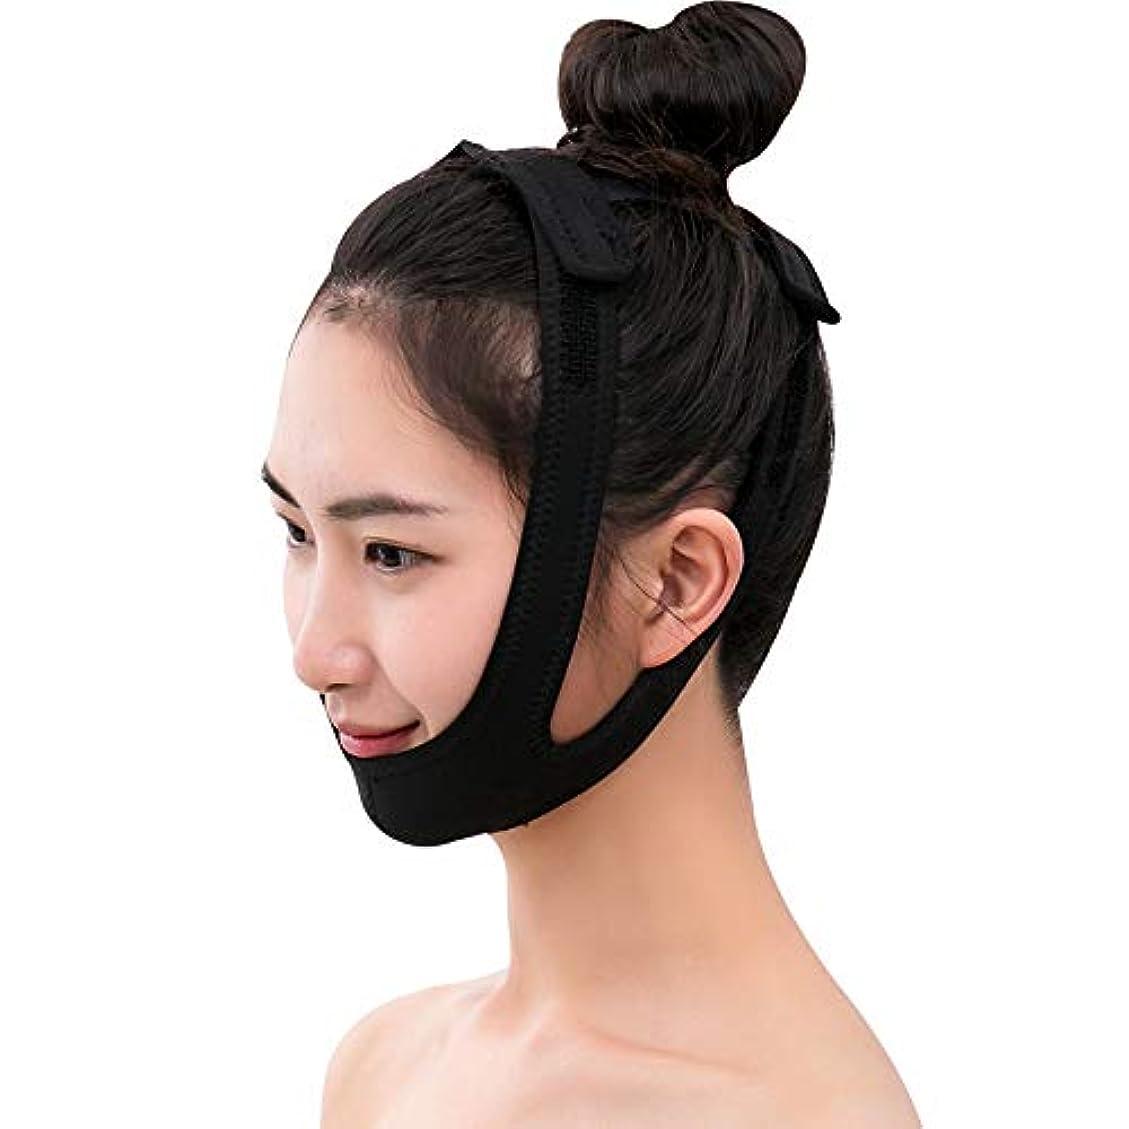 選挙工夫する闘争フェイスリフティング包帯、Vフェイス睡眠フェイスマスク、整形と持ち上げ、ダブルチンストラップ